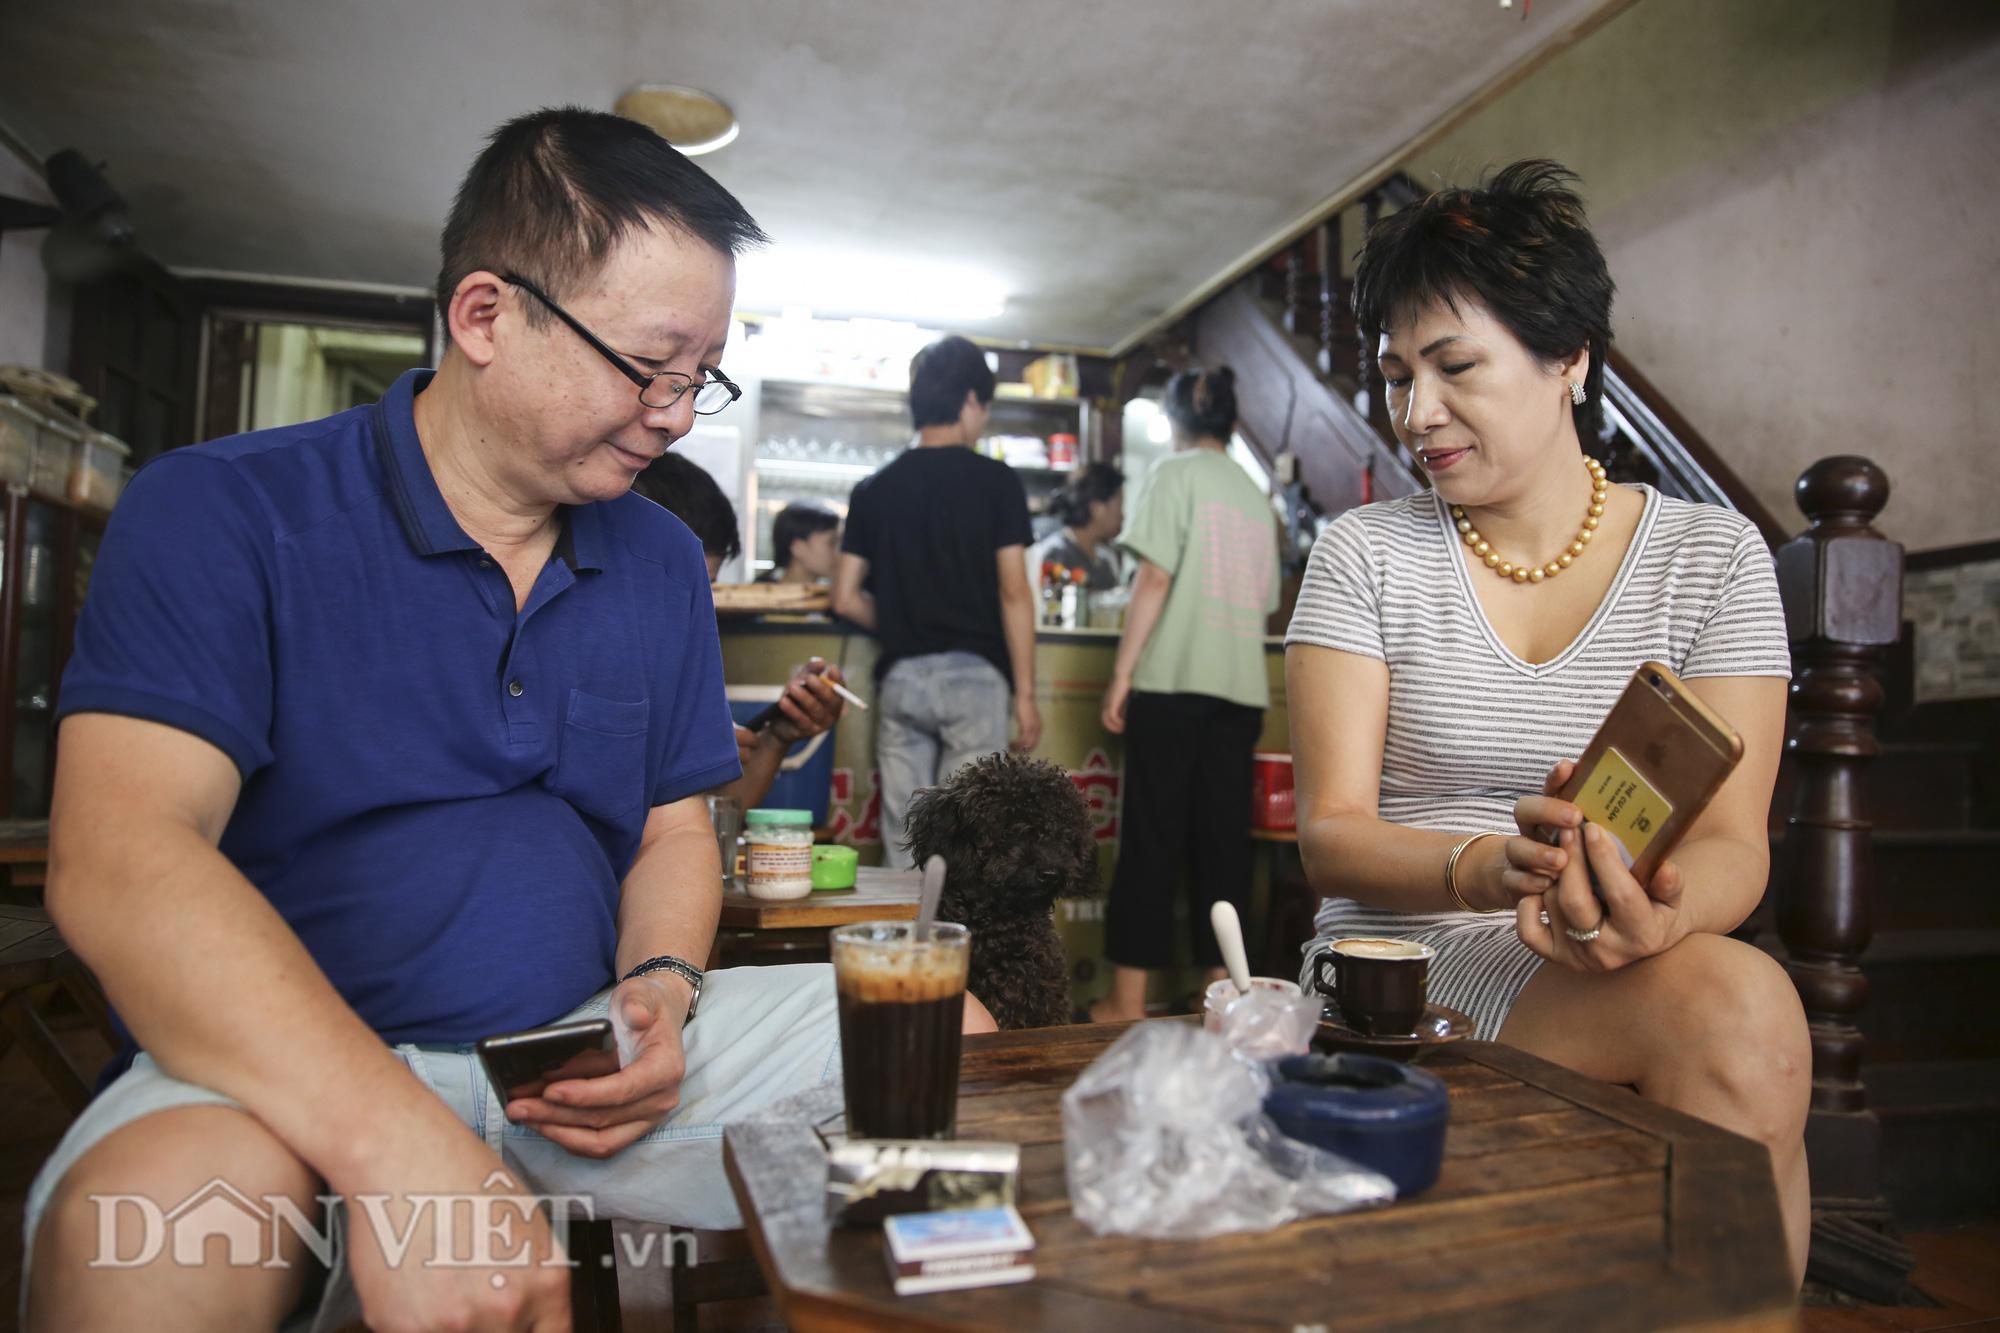 """Ngất ngây hương vị """"rang củi"""" tại quán cà phê lâu đời nhất Hà Nội - Ảnh 7."""